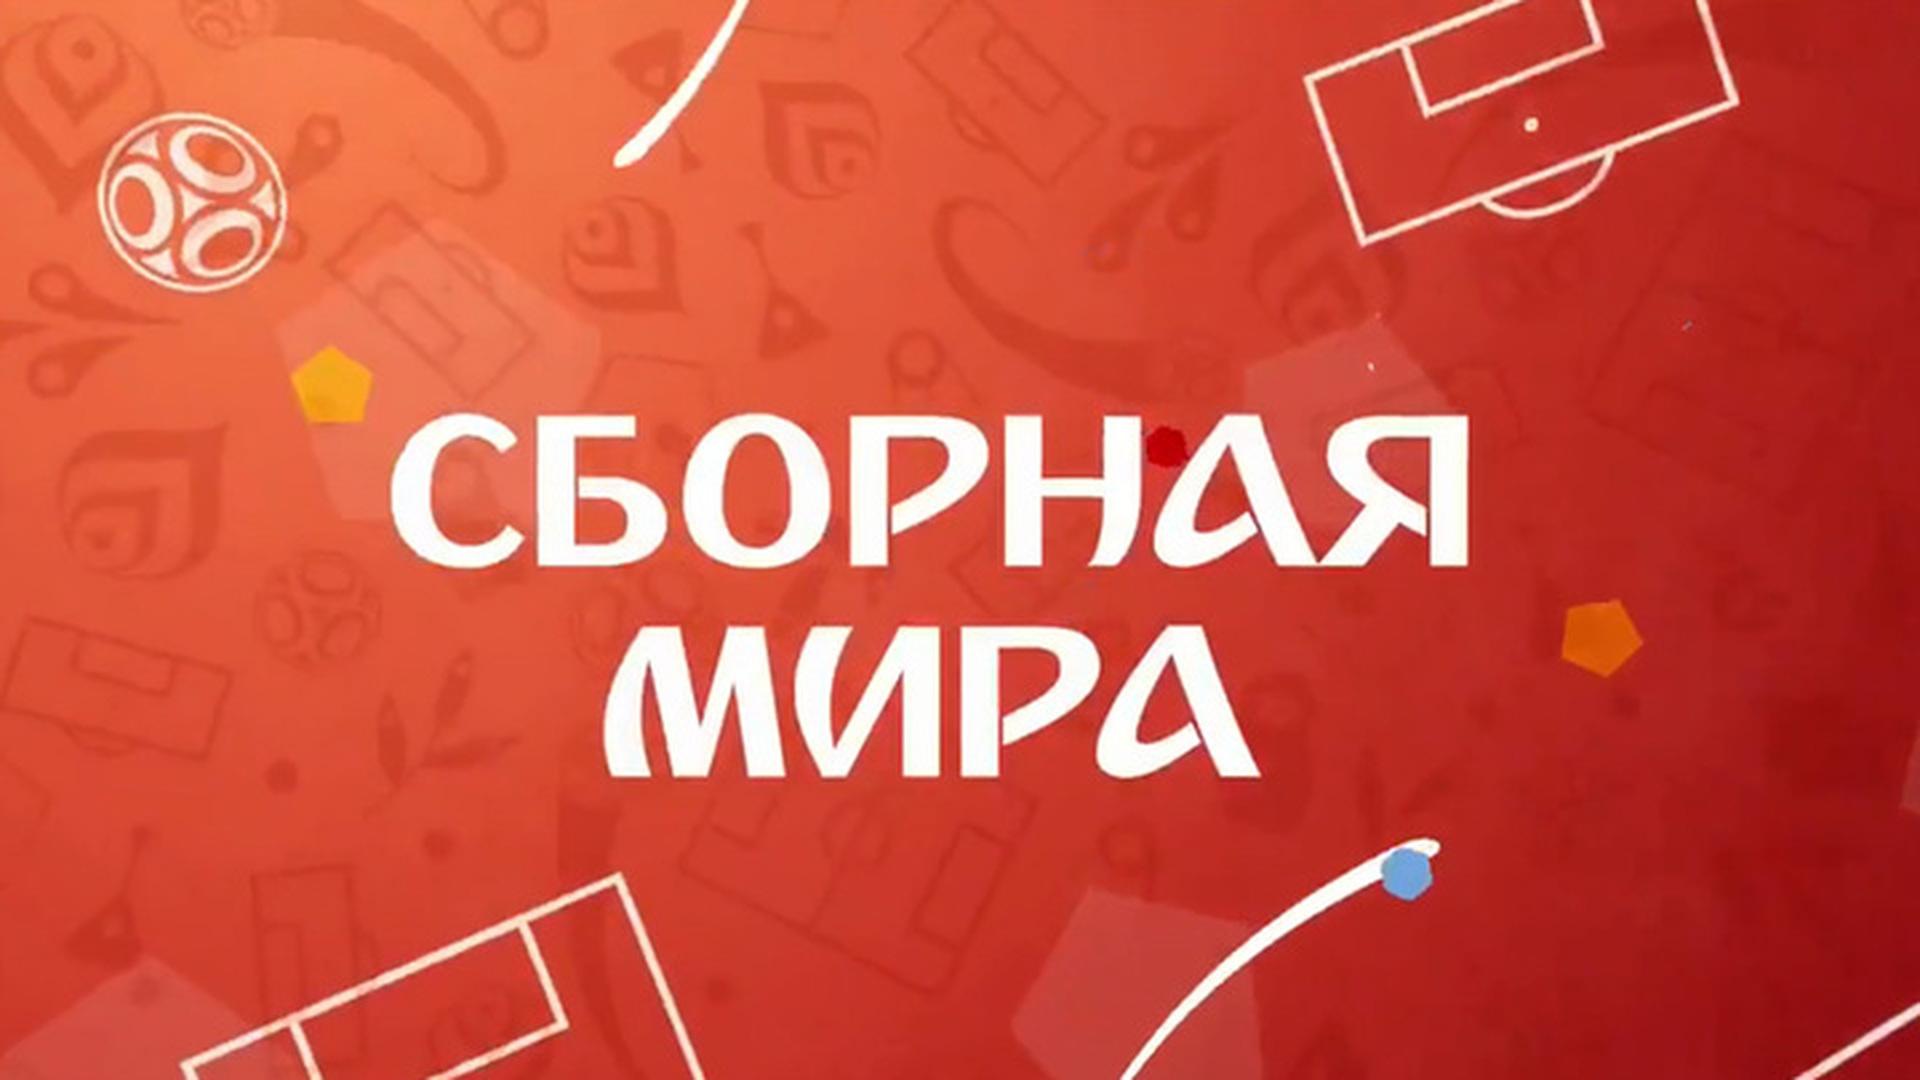 Все голы дня на ЧМ 2018/обзор матчей. Сборная мира. 1 июля